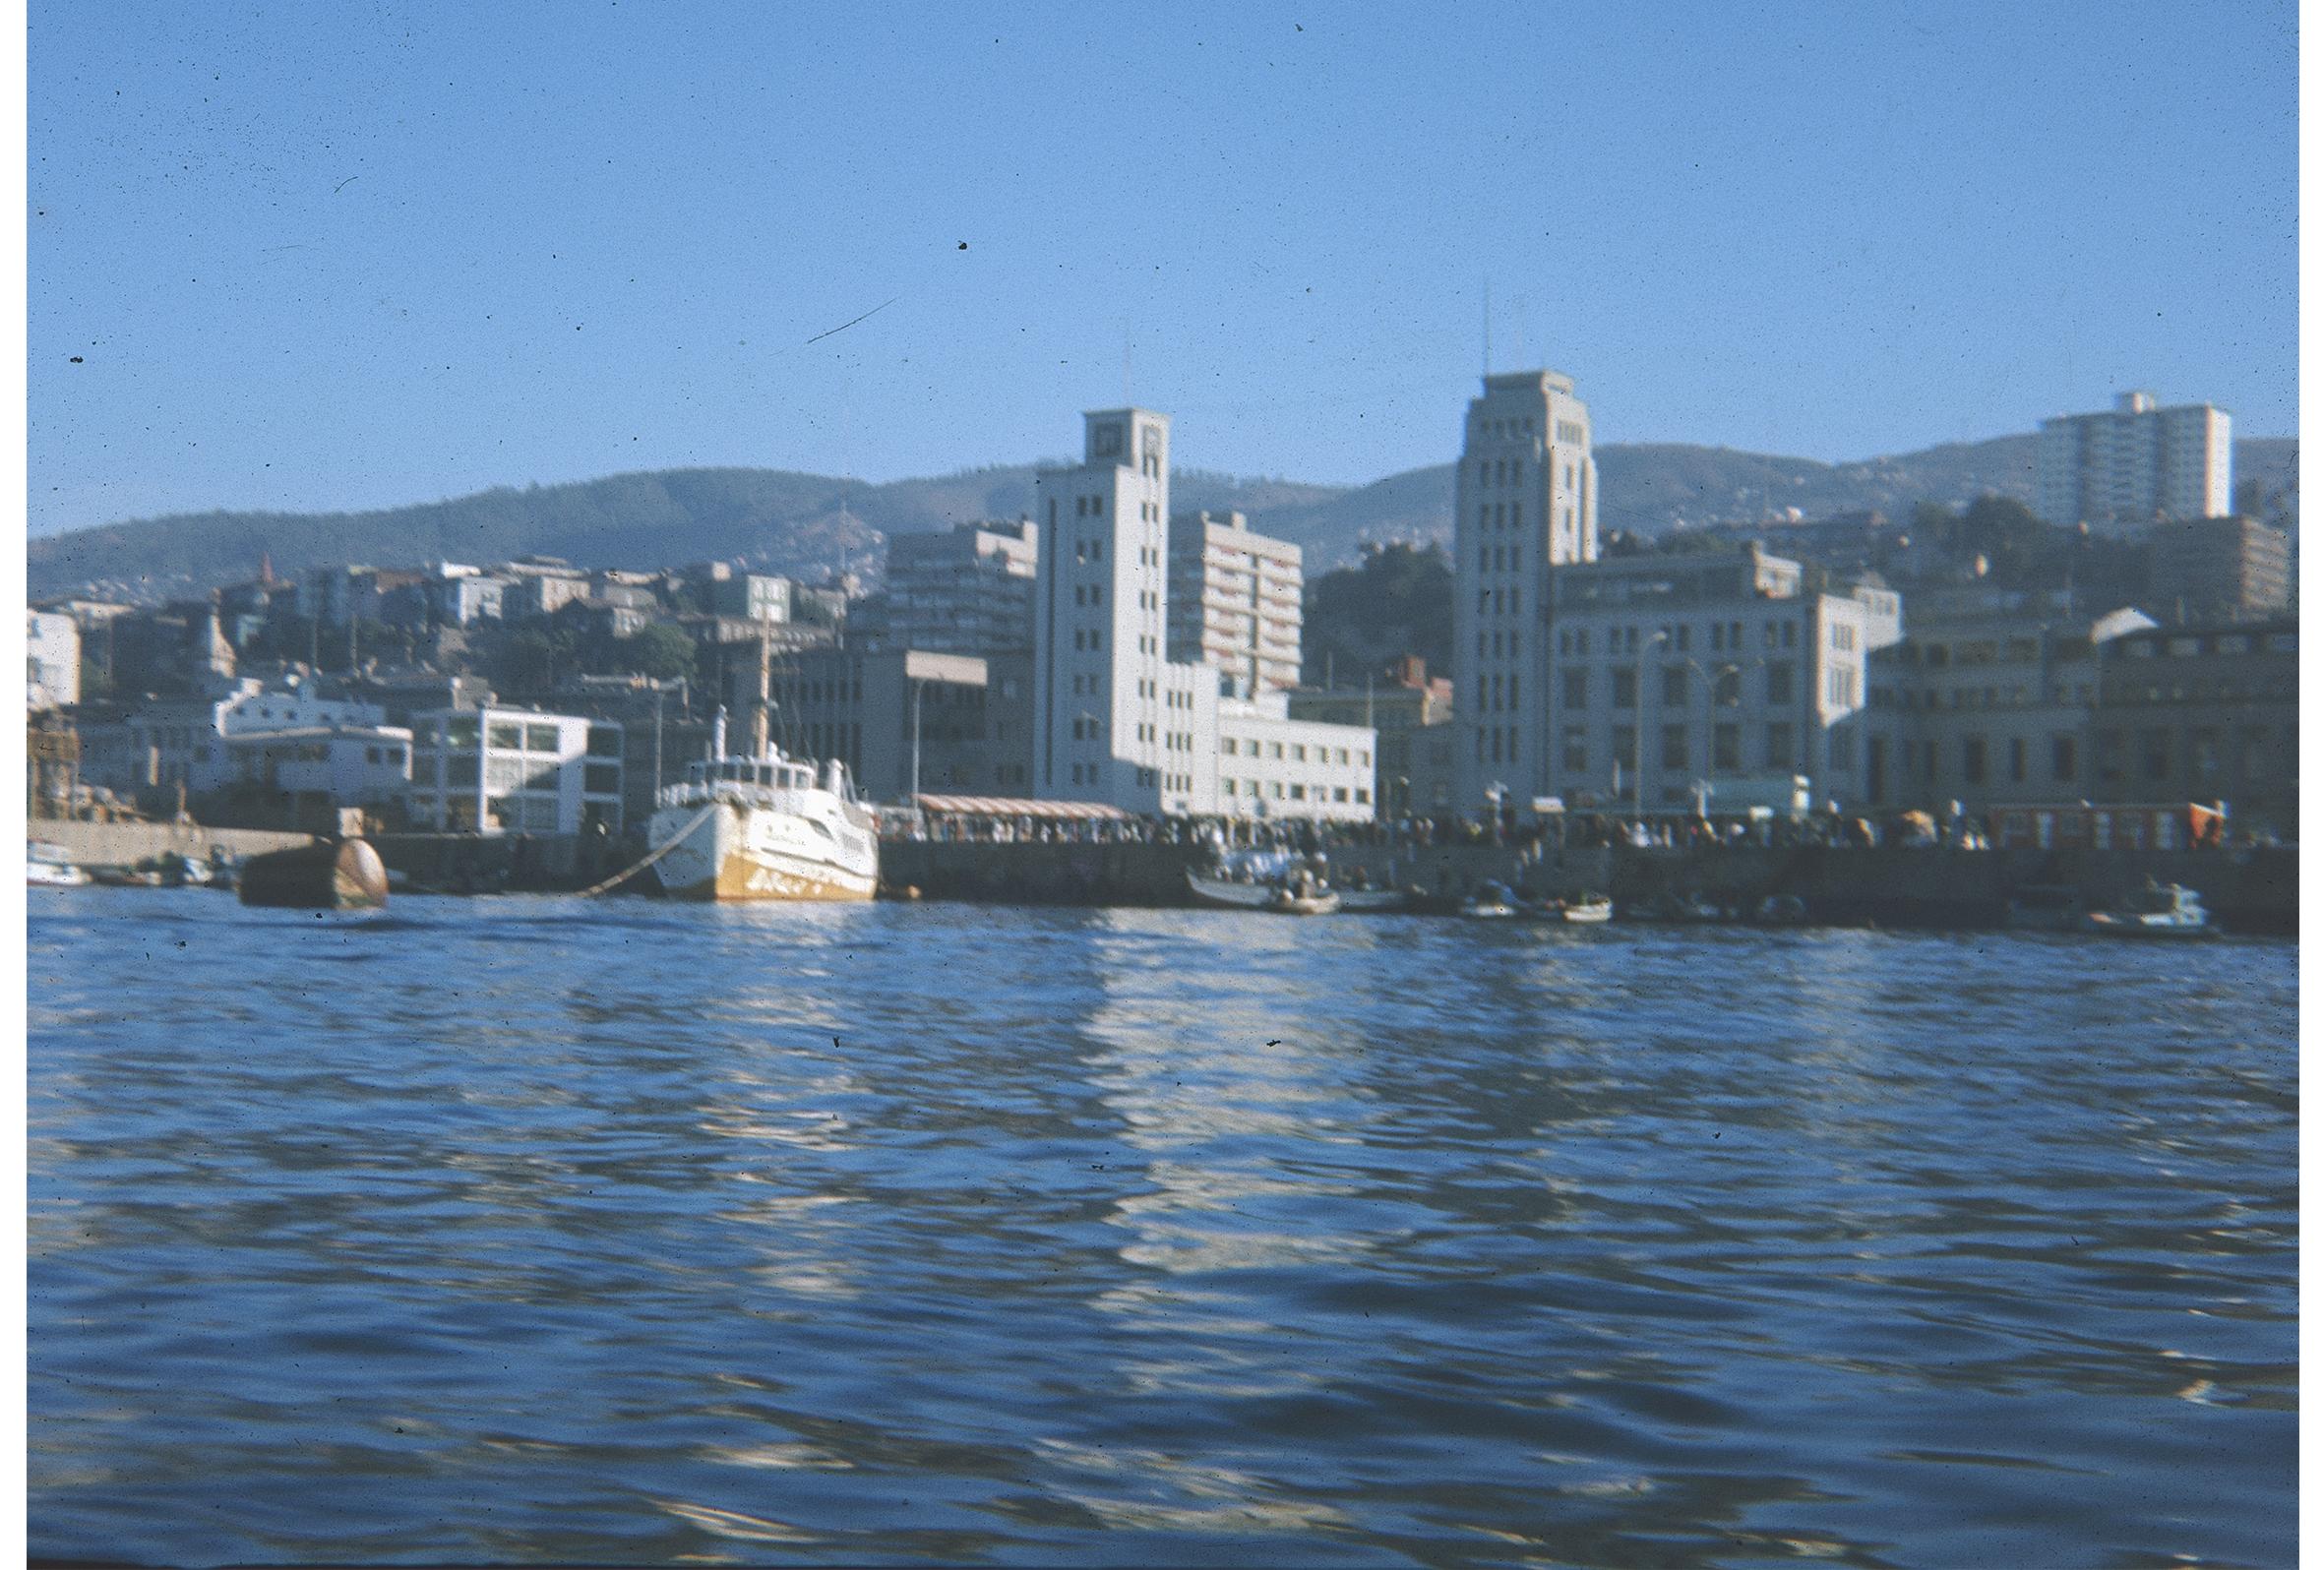 Enterreno - Fotos históricas de chile - fotos antiguas de Chile - Muelle Prat, puerto de Valparaíso